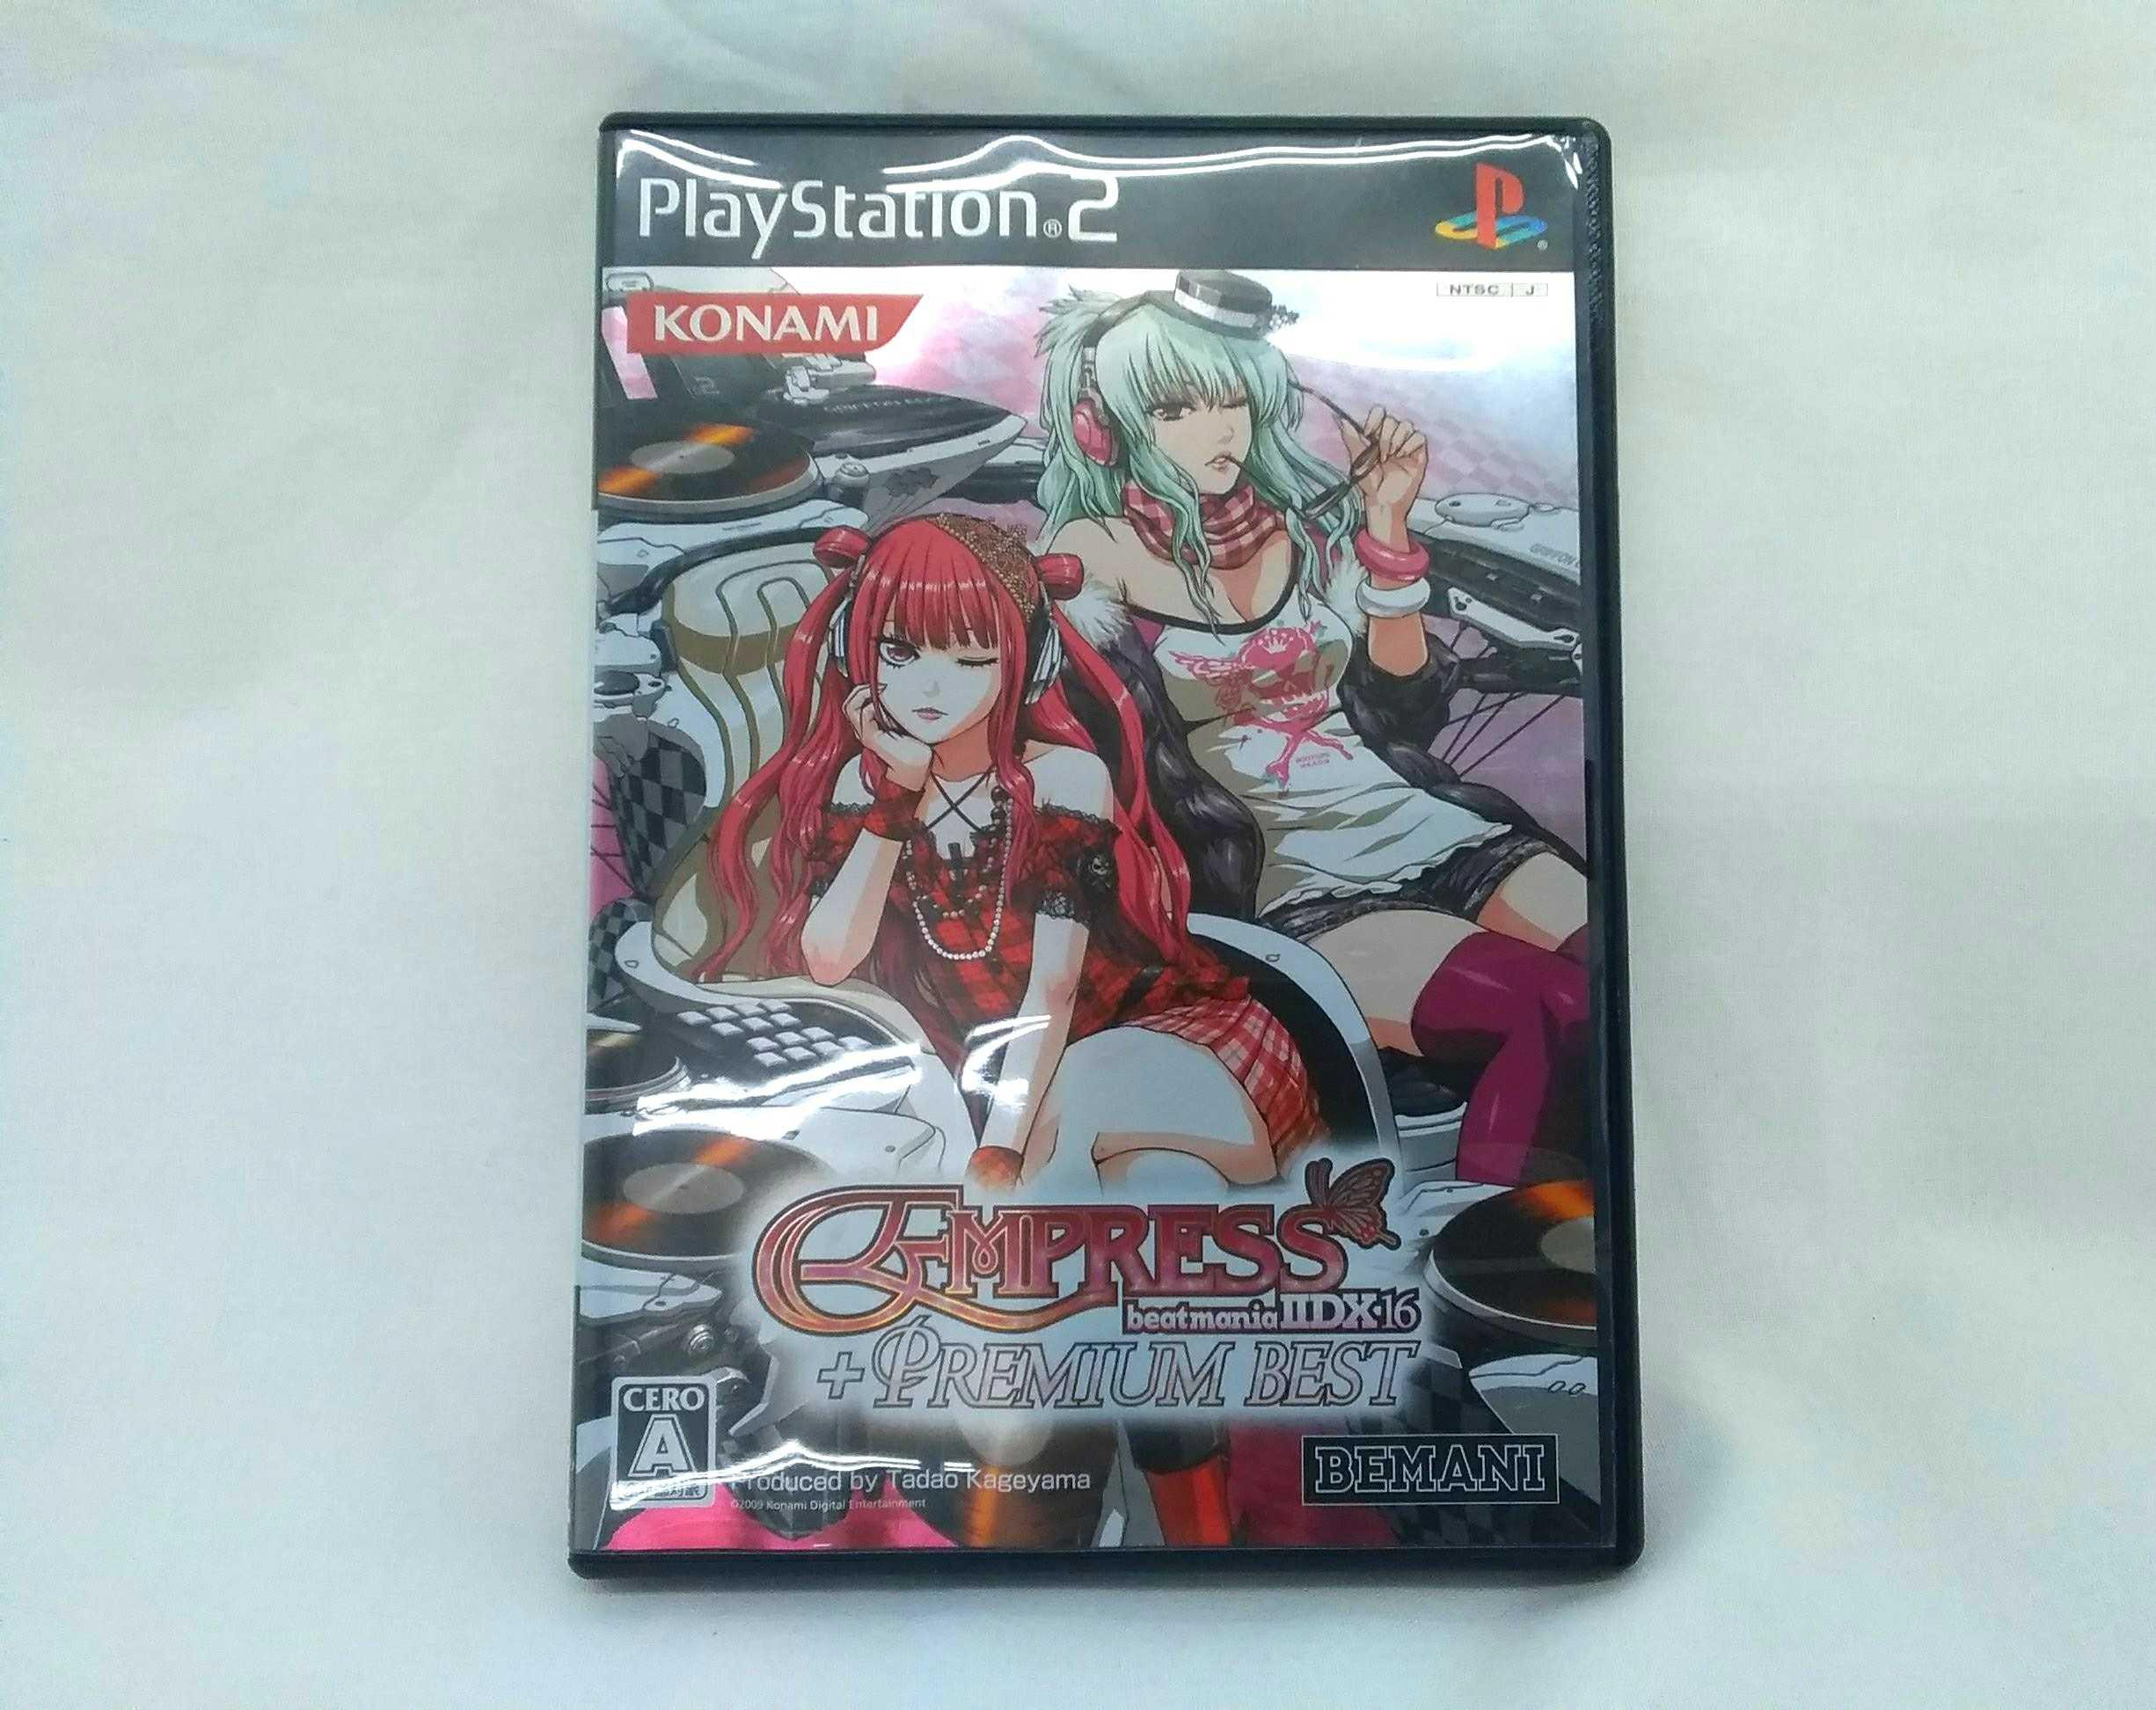 PS2ソフト ビートマニアIIDX 16|KONAMI